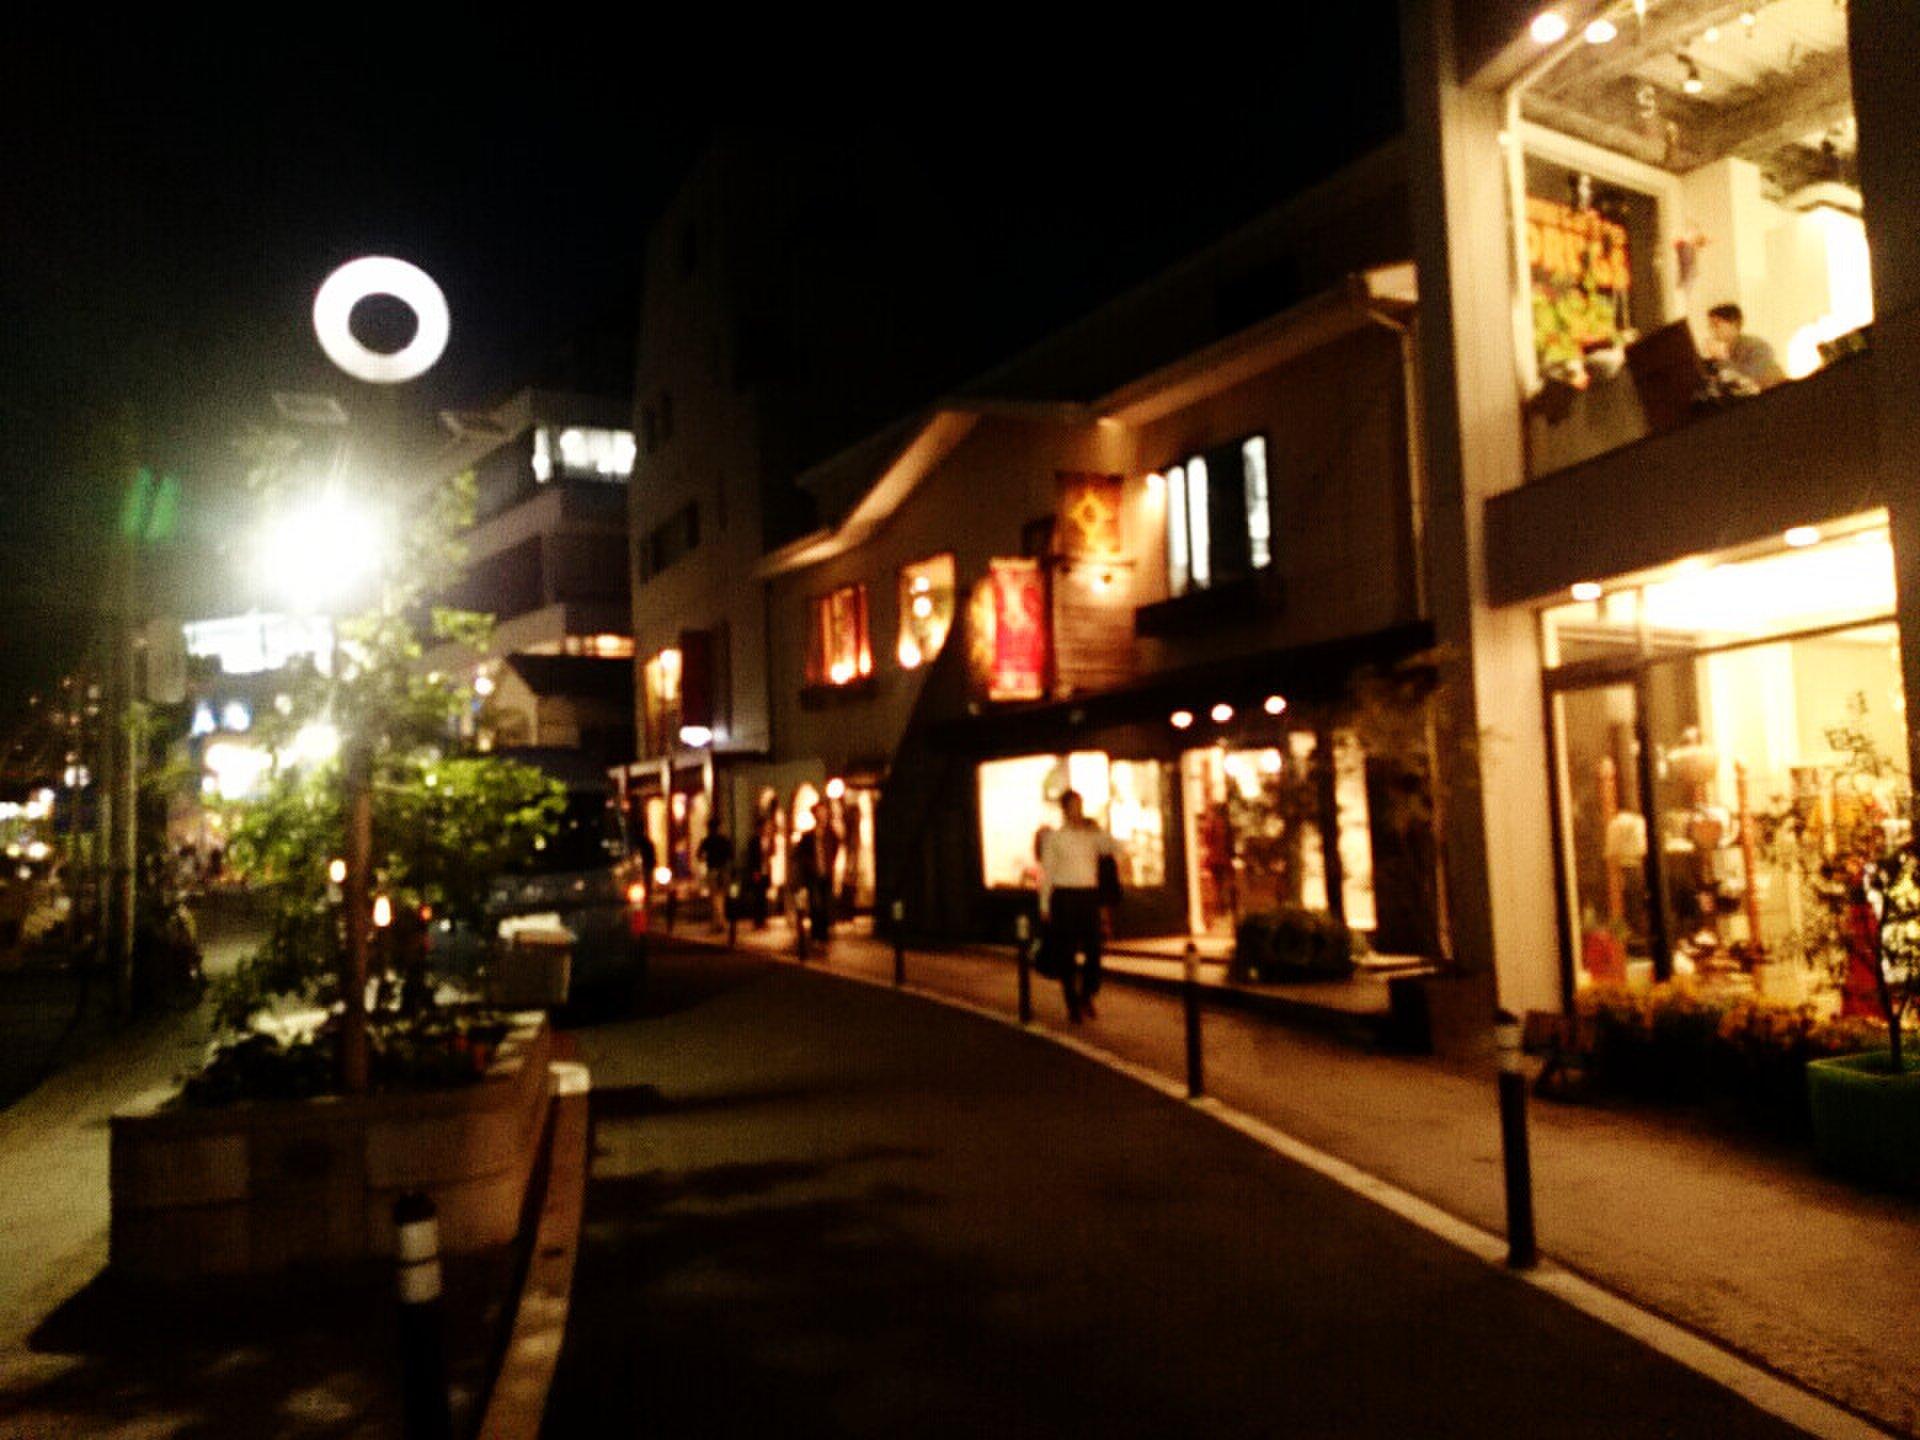 原宿・渋谷【夜のお散歩デート】雰囲気抜群!!キャットストリートでショッピング&カフェ。